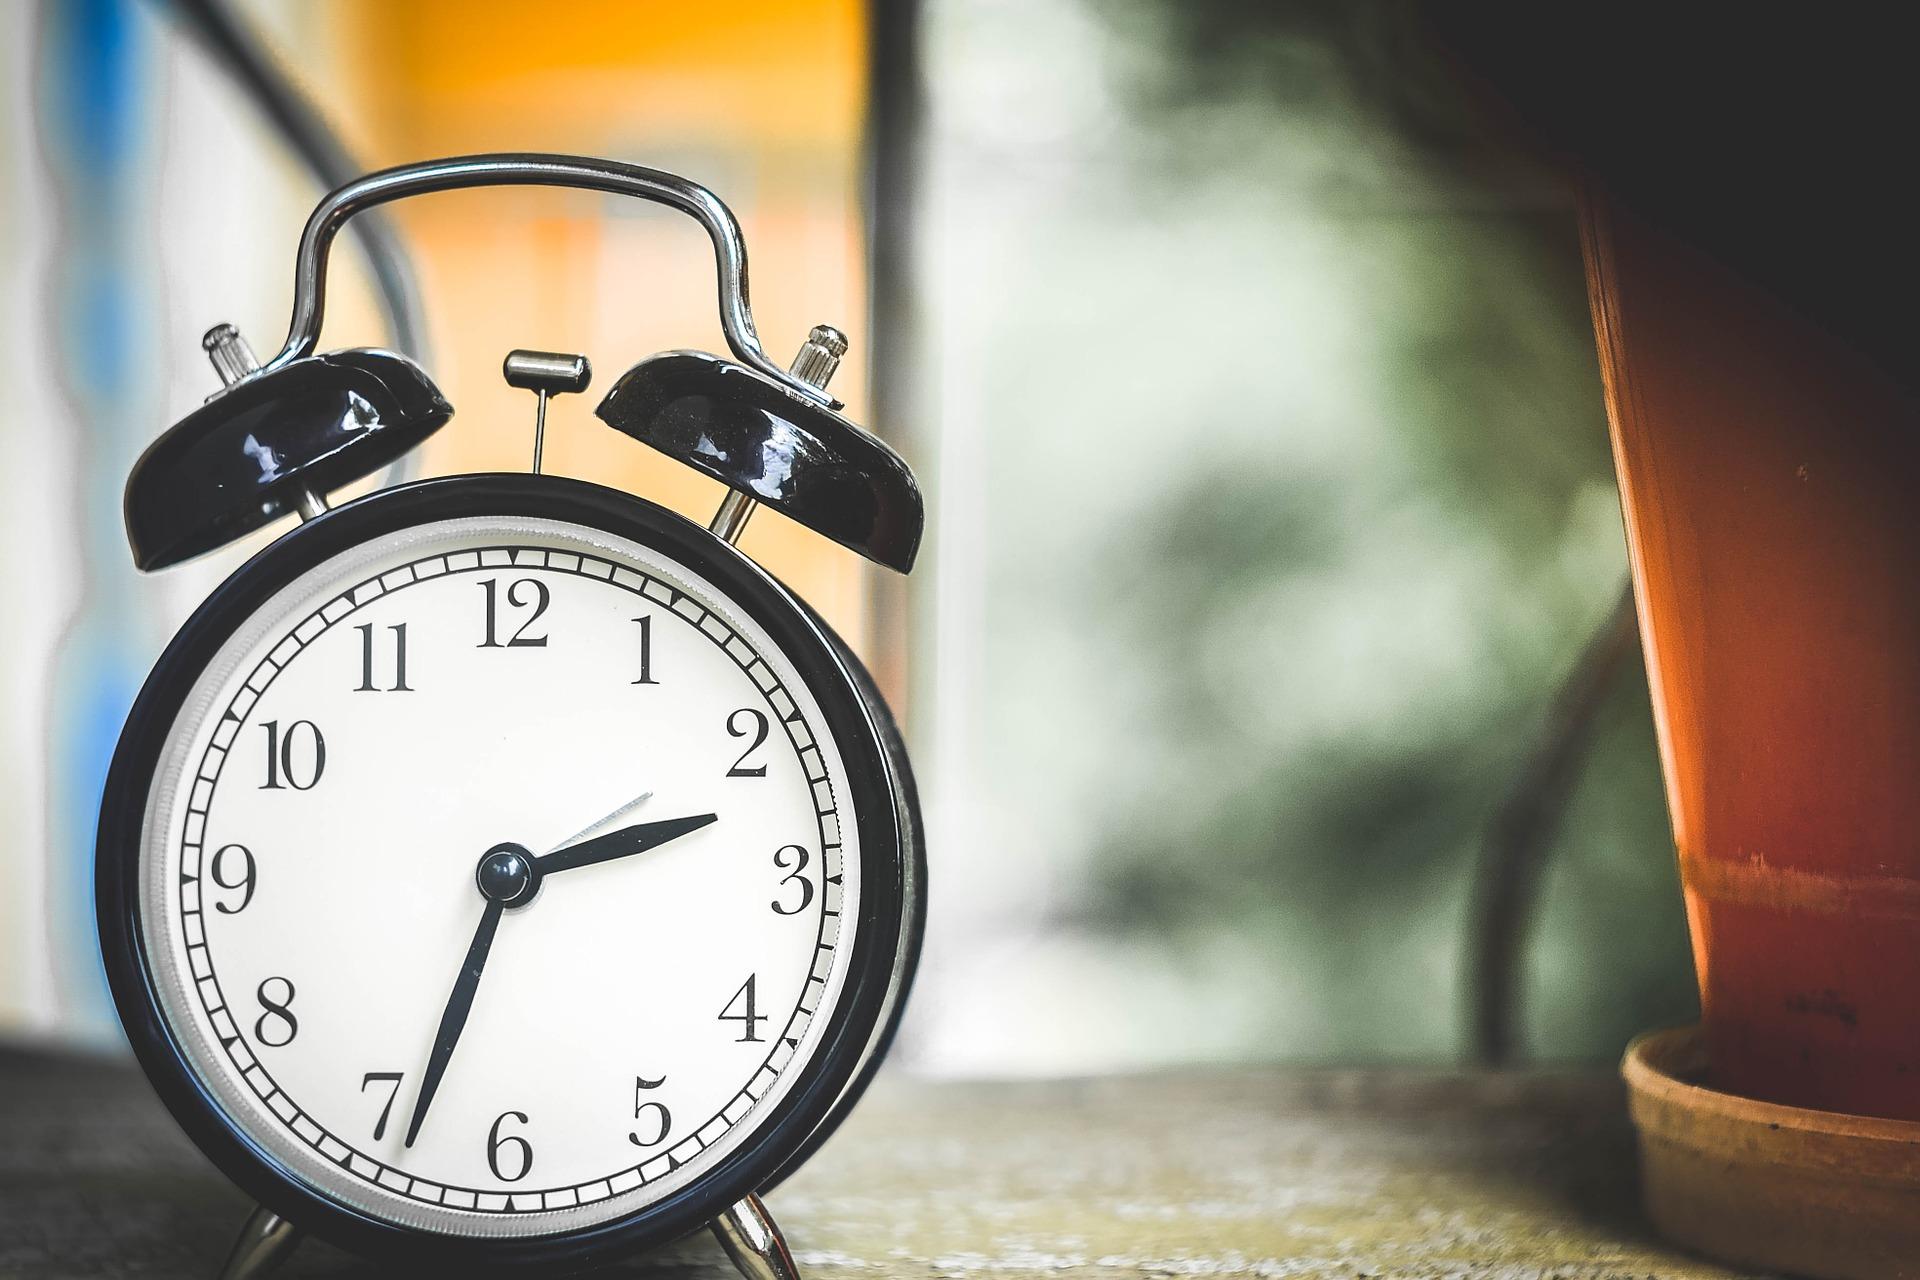 SLEEPING; CHANGE, HOUR